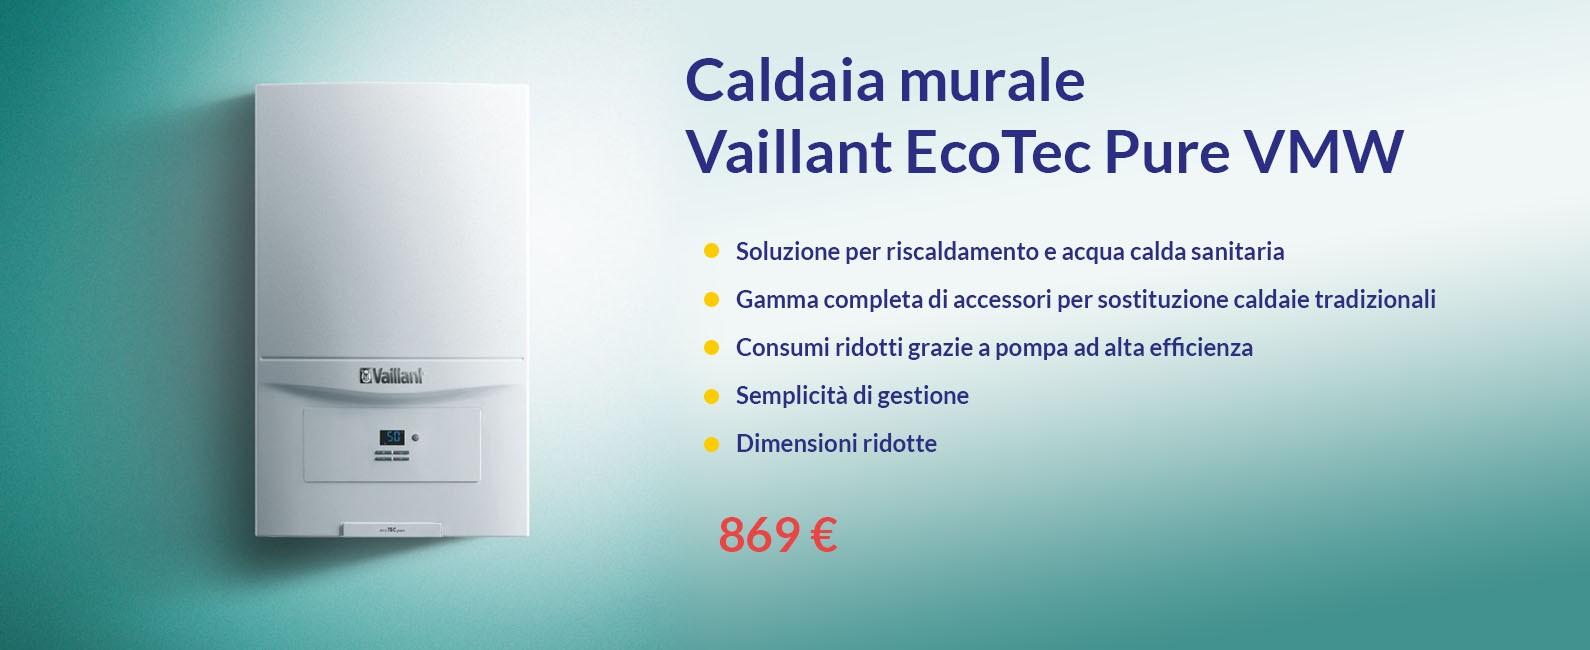 Vaillant EcoTec